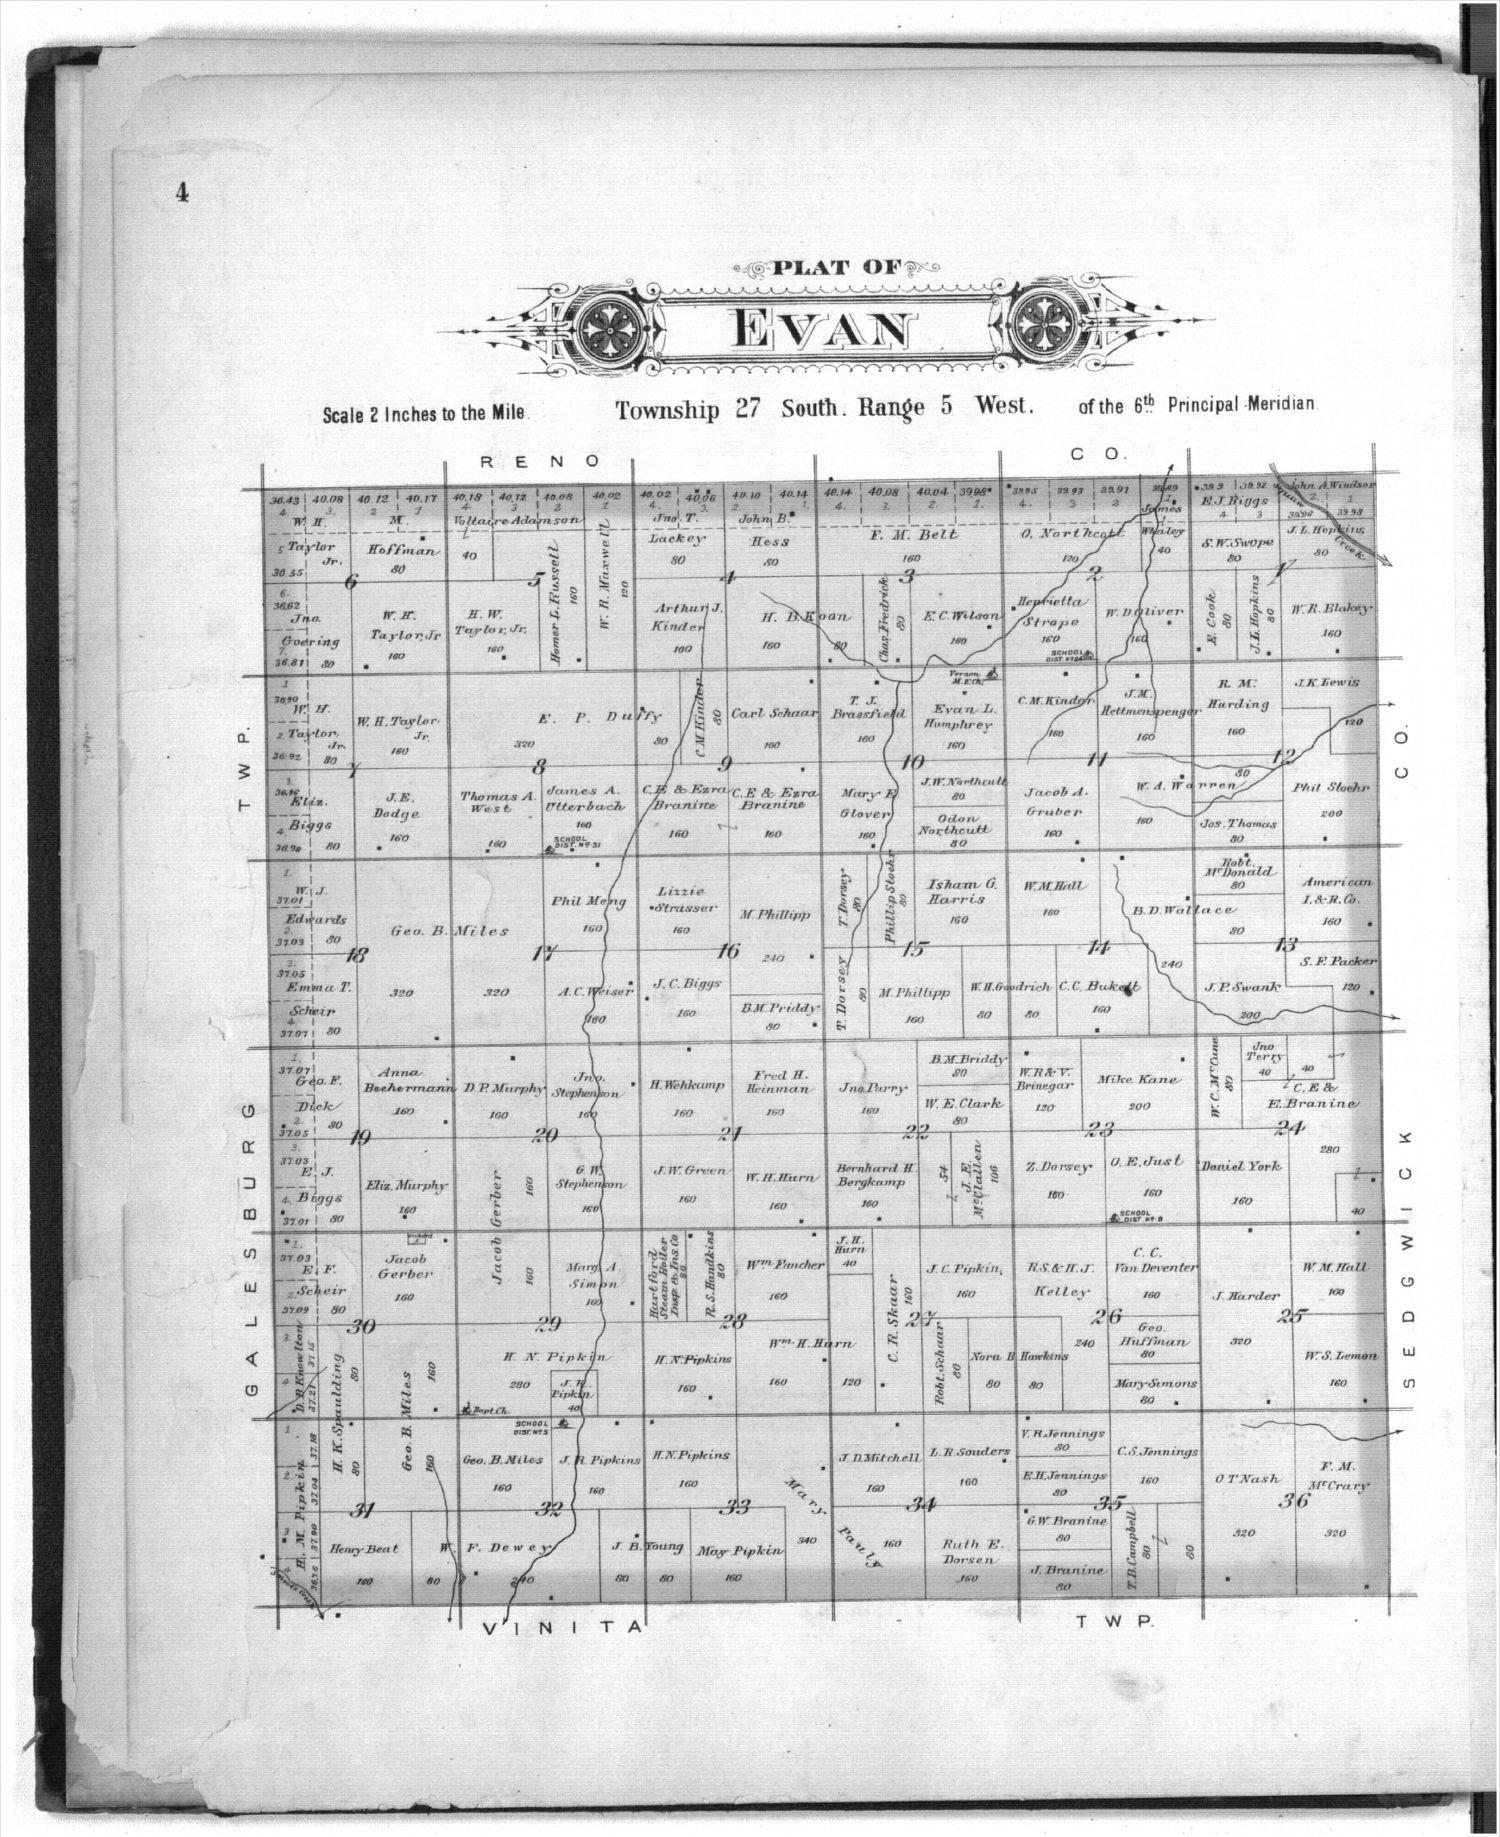 Plat book of Kingman County, Kansas - 4